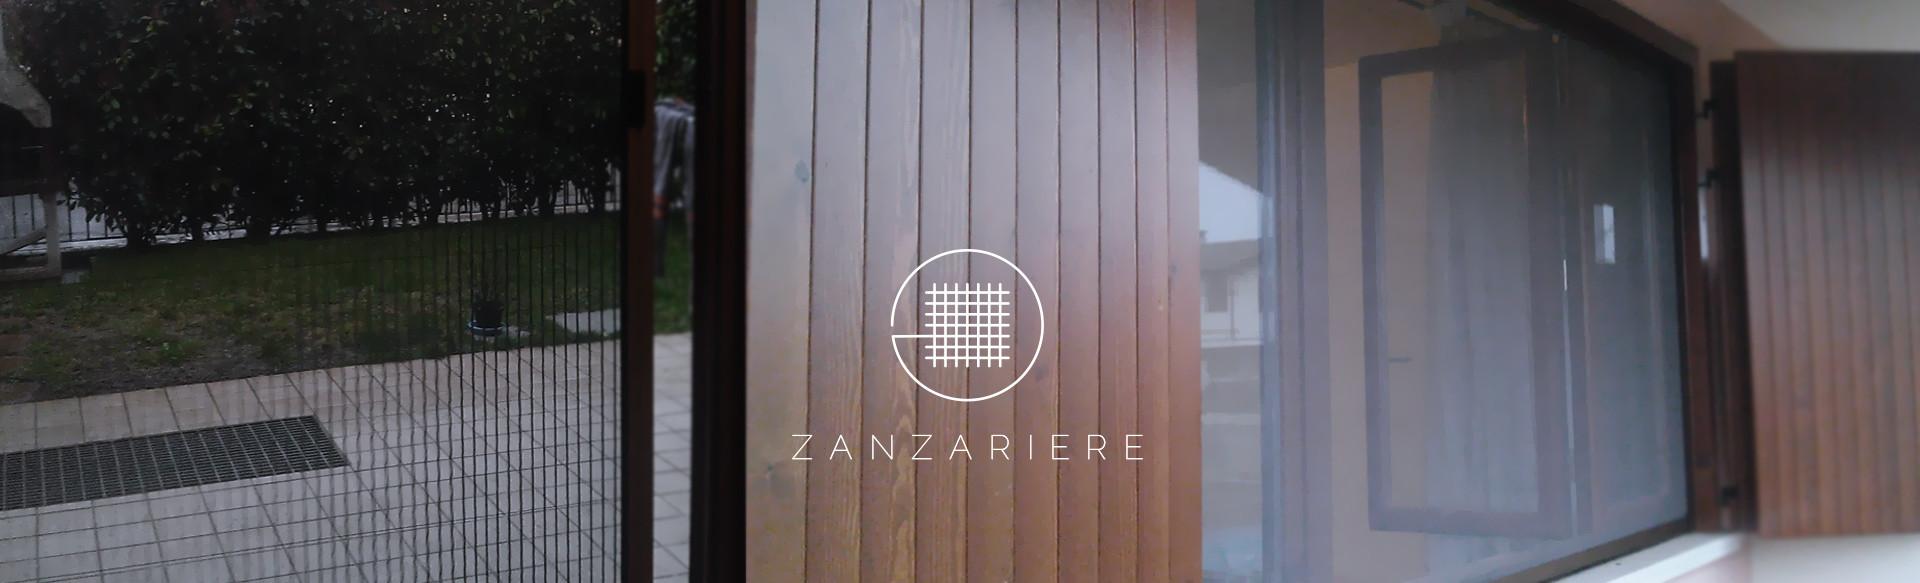 Zanzariere simoncelli nicola falegnameria for Tipi di zanzariere